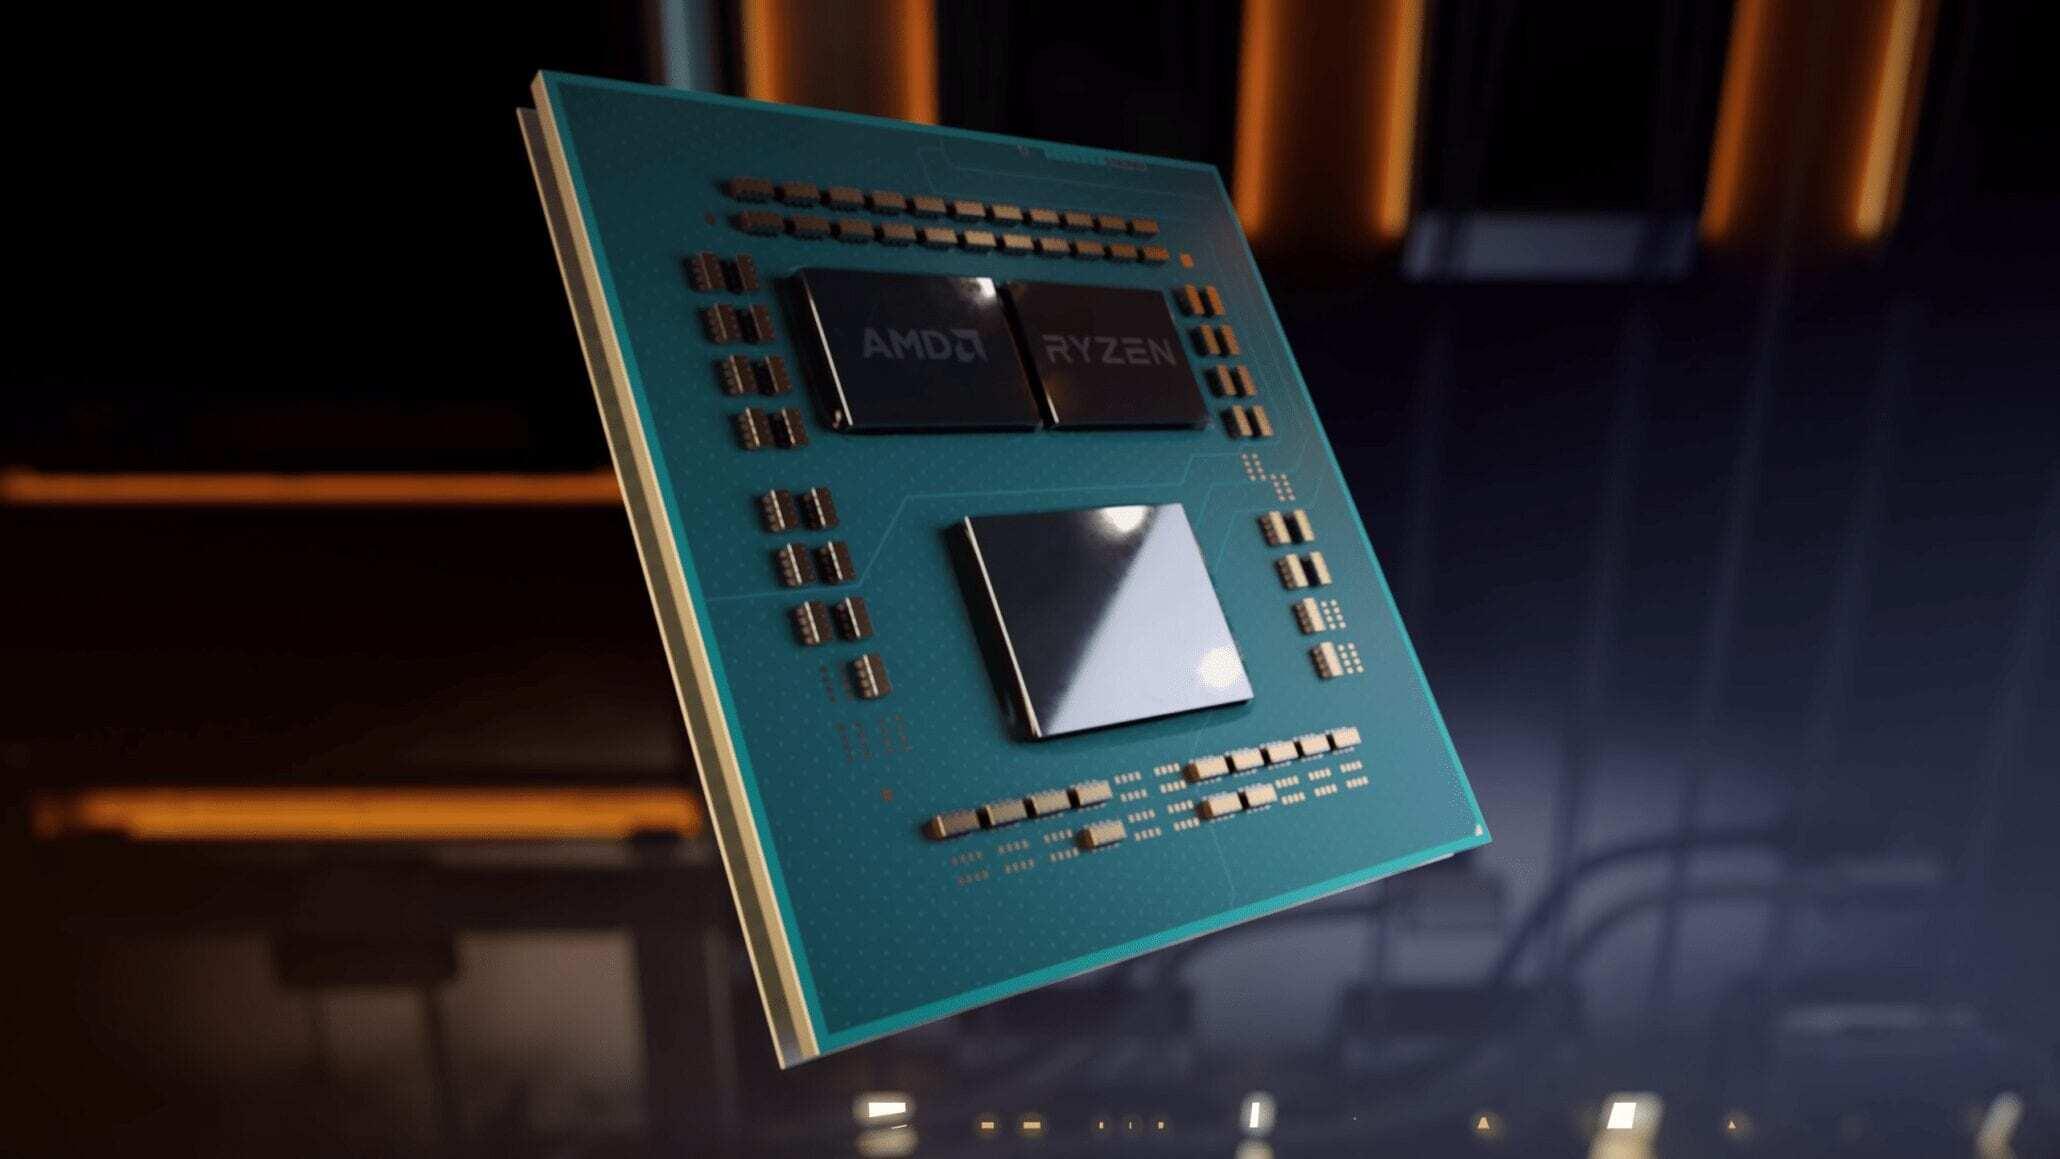 Процессоры AMD получат черту моделей Intel